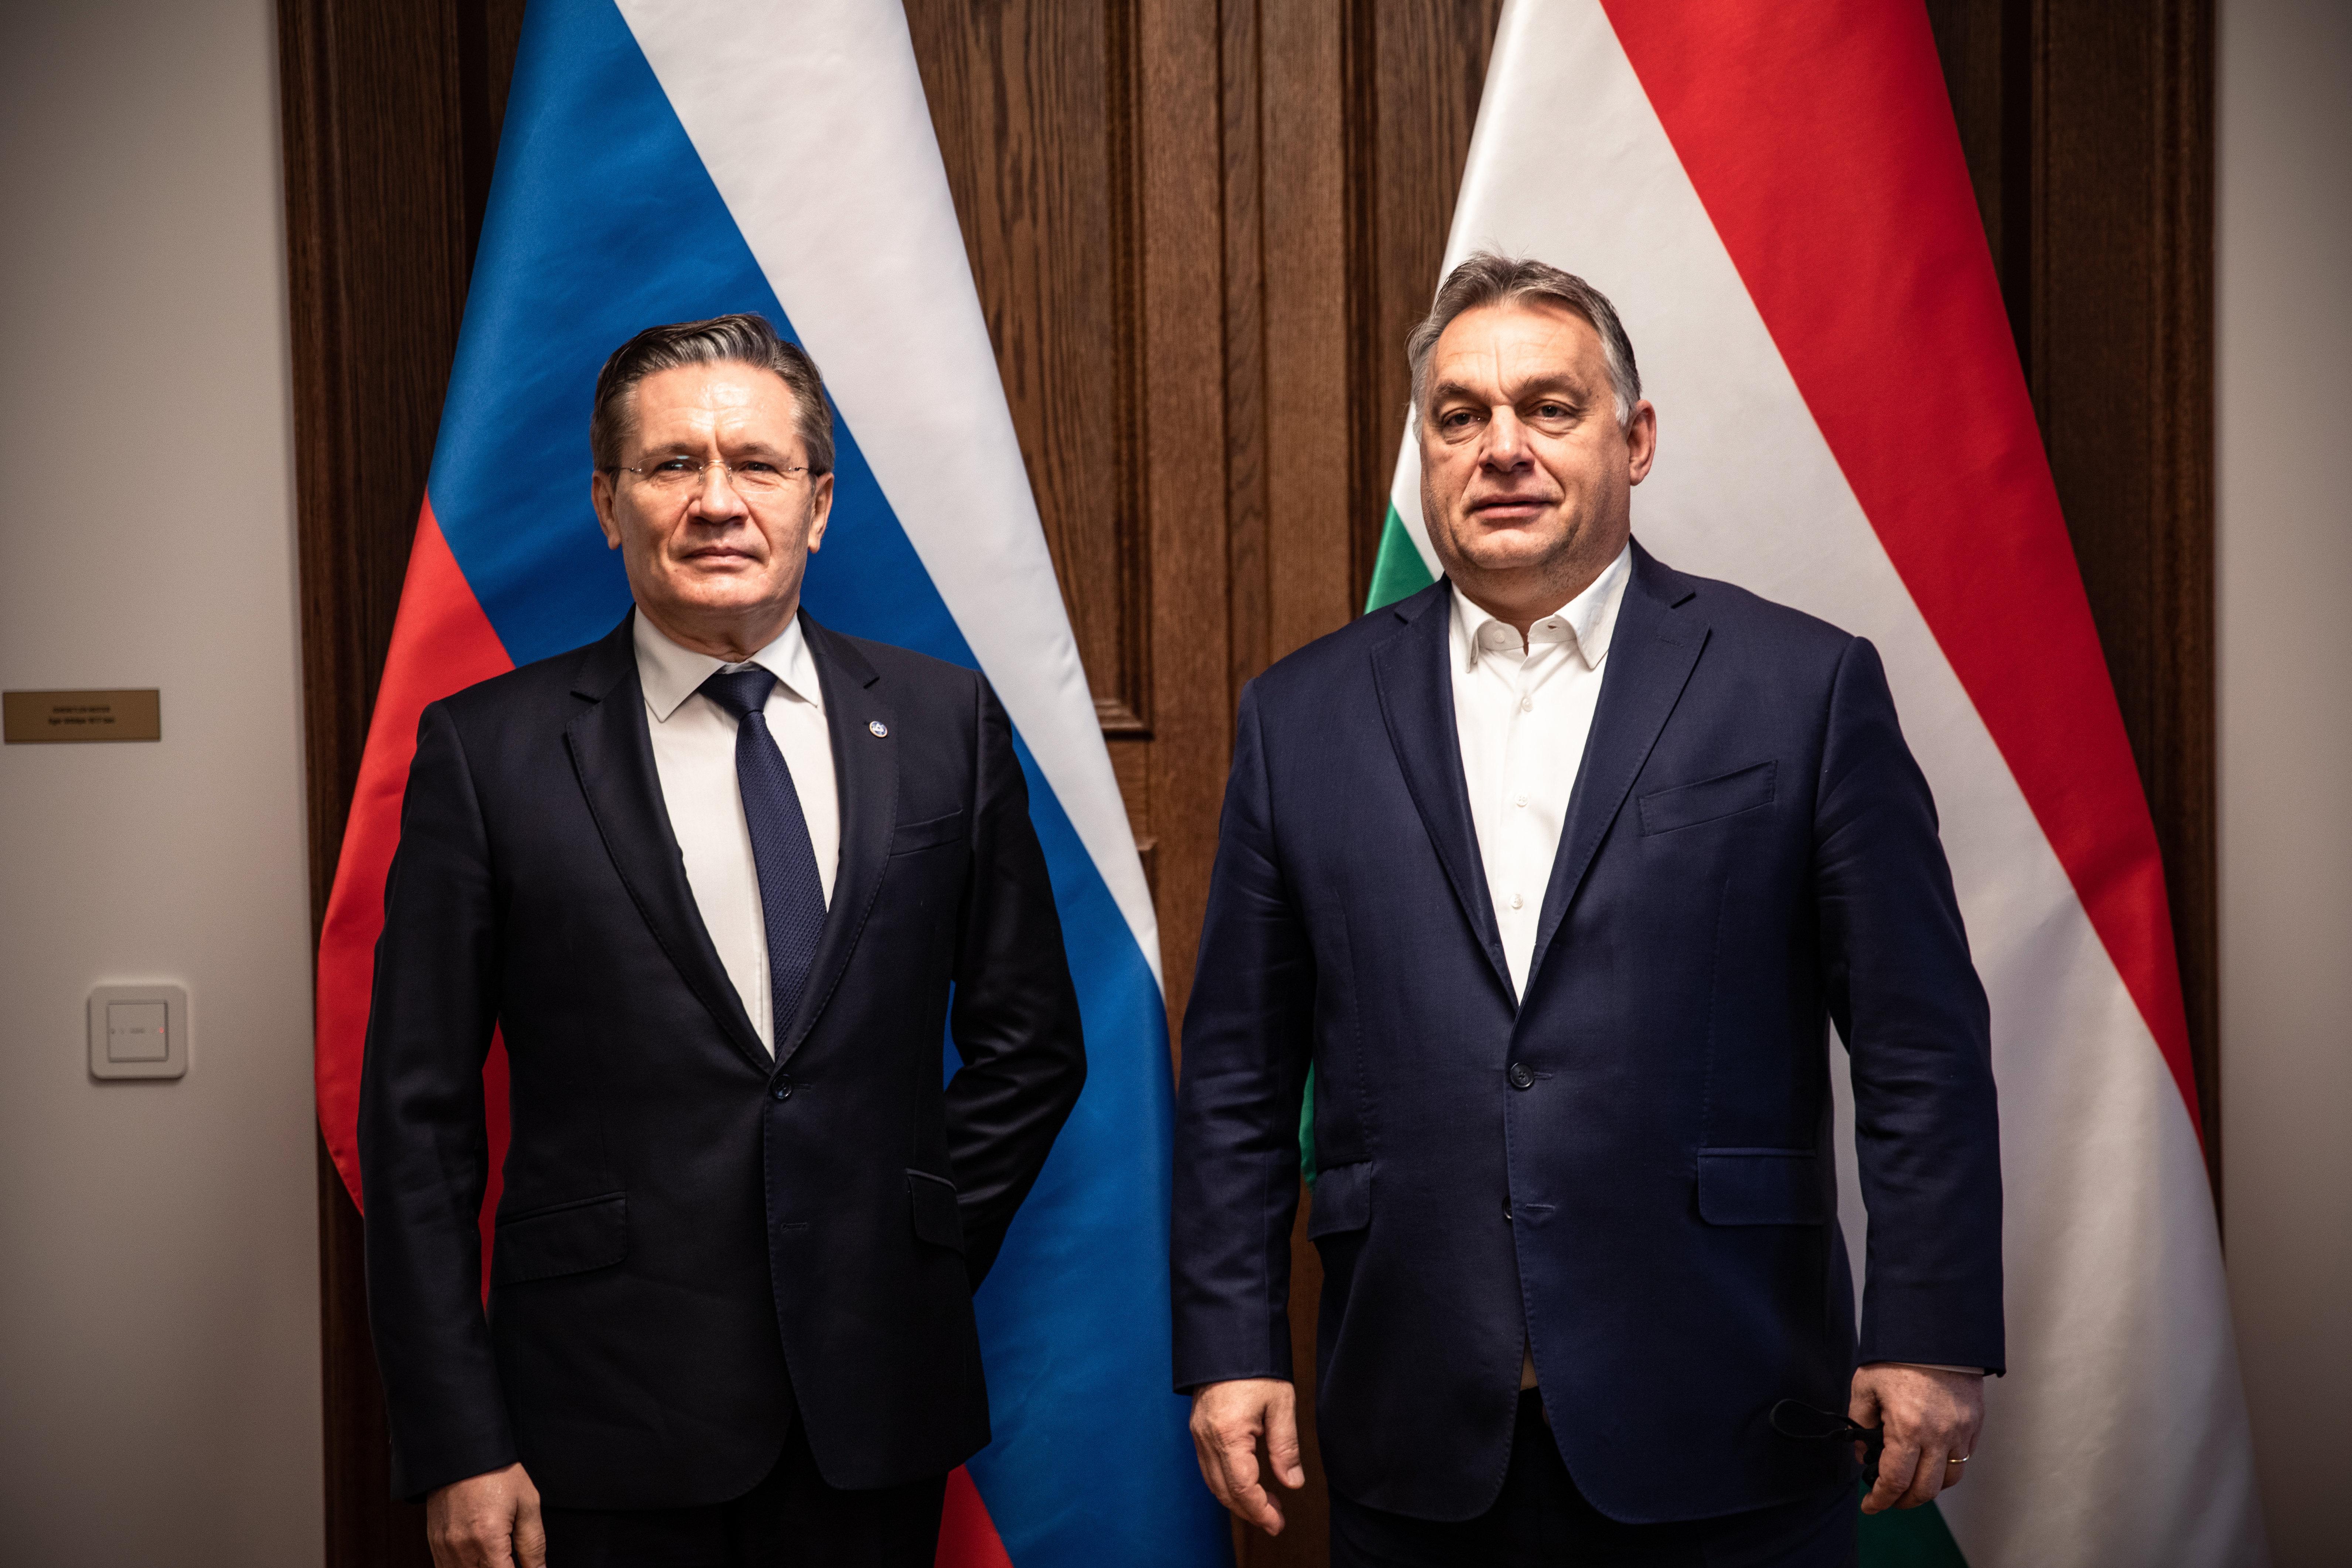 Orbán biztosította az oroszokat, hogy jövő ilyenkor talán elkezdődhet Paks 2 építése